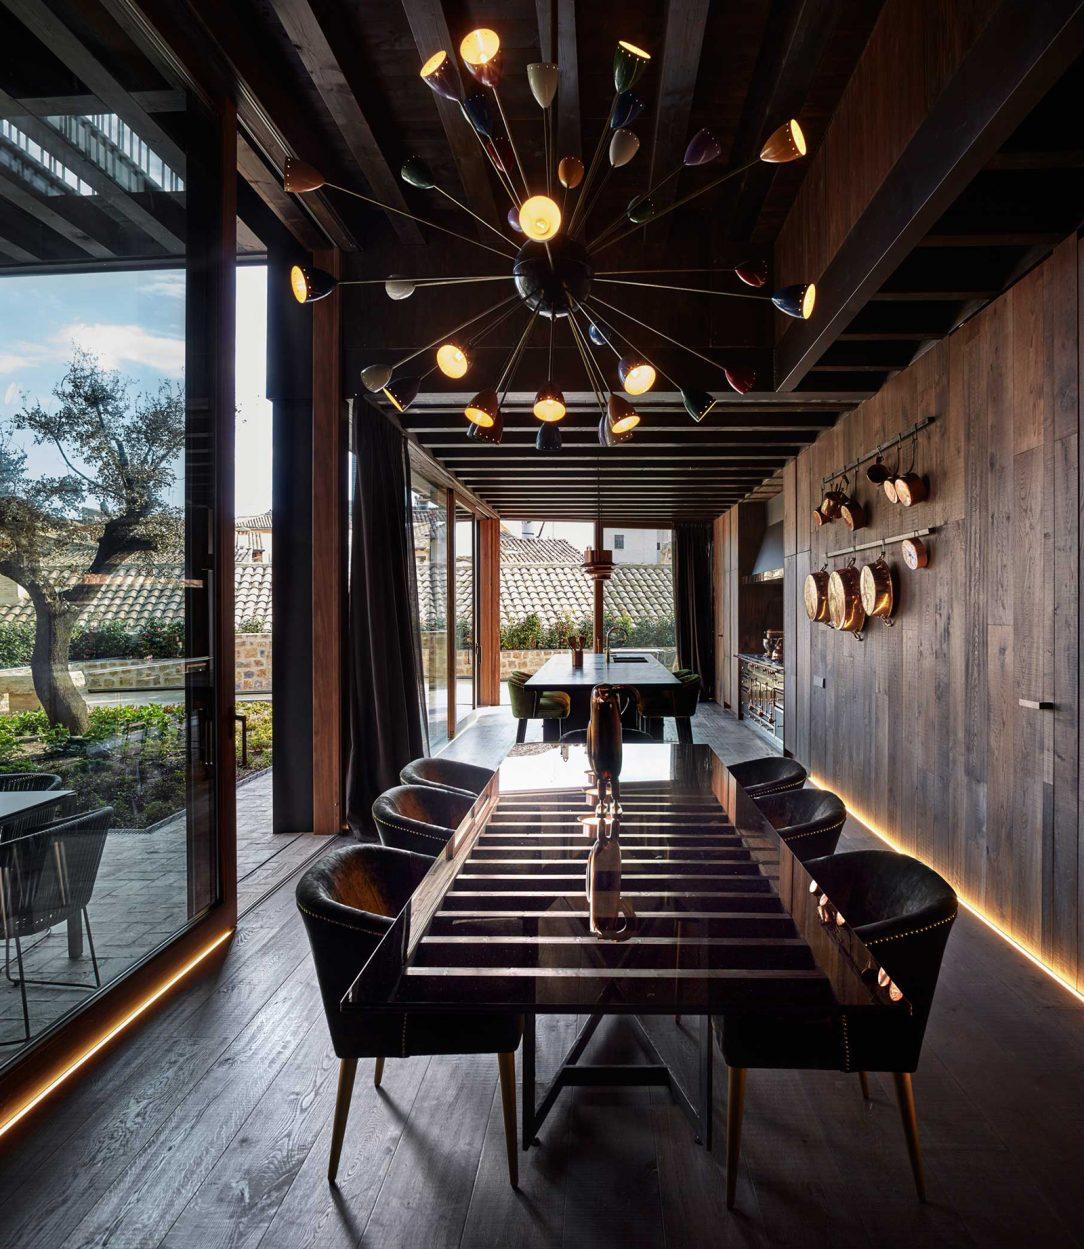 Použitie tmavého dreva v kombinácii s čiernymi prvkami nábytku priestor zútulňuje a vytvára príjemné prostredie pre pokojný život.